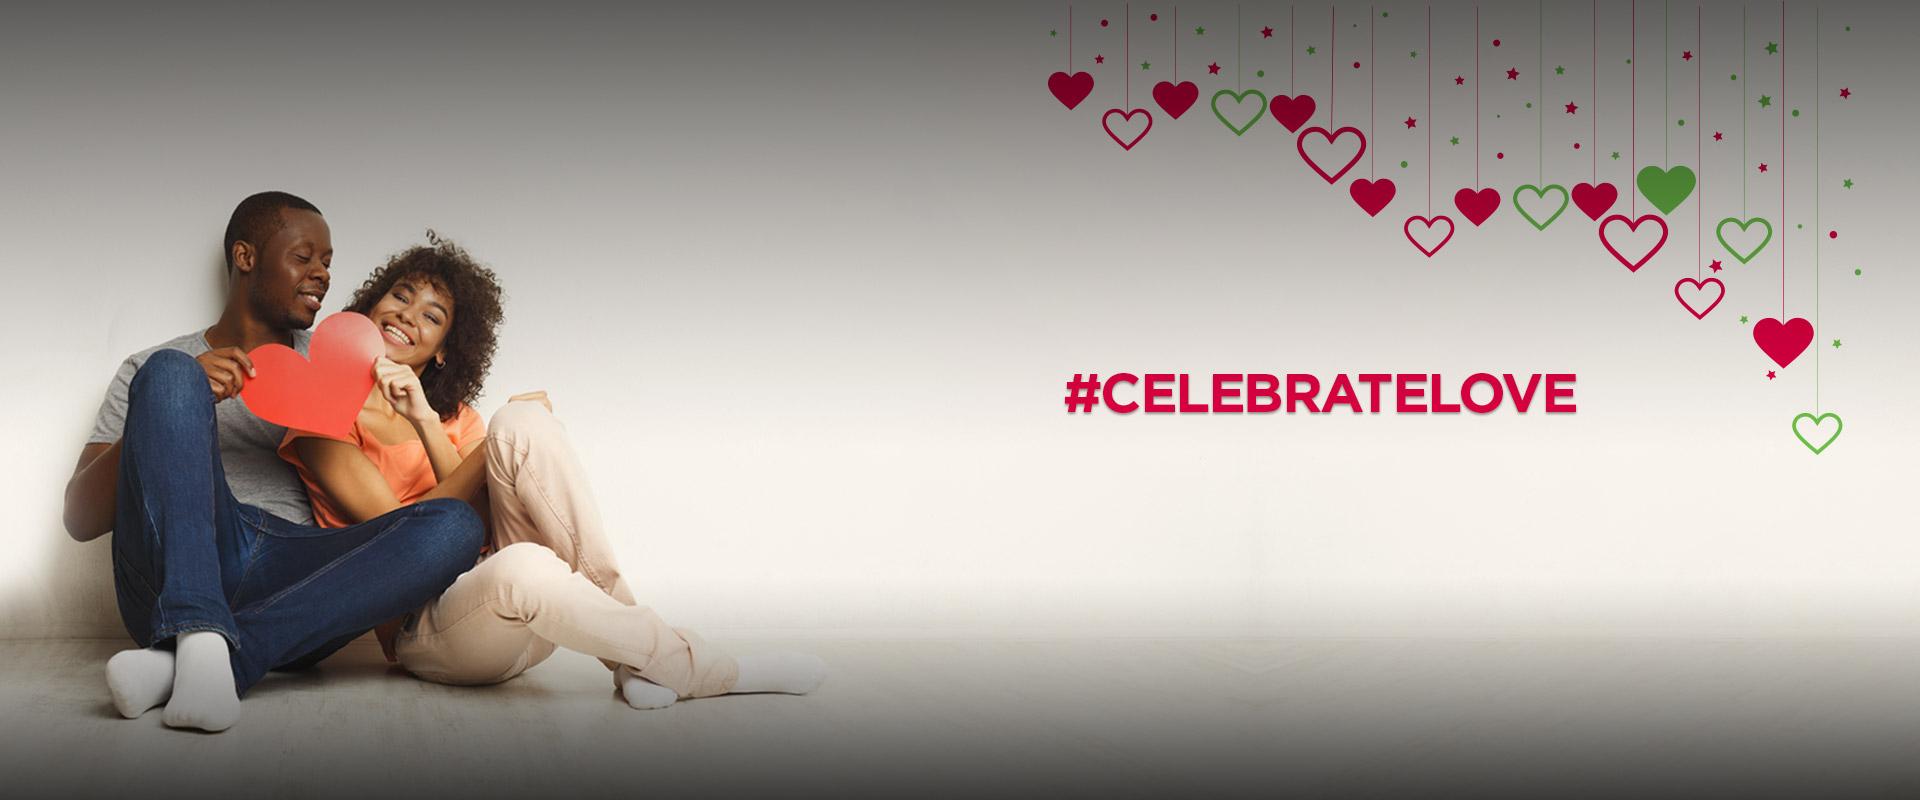 Celebrate-Love-1920x800